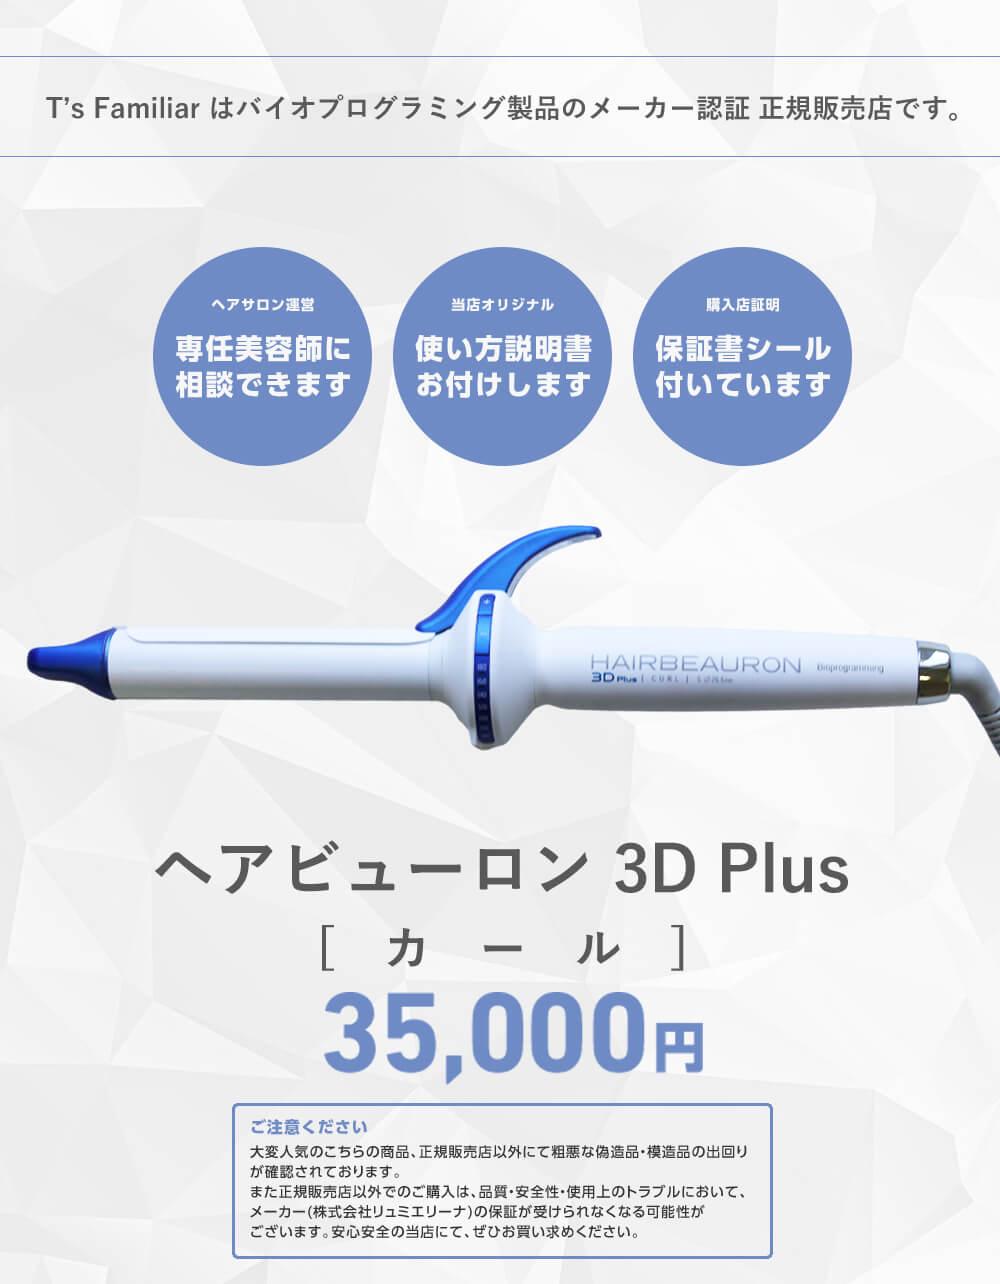 ヘアビューロン 3D Plus